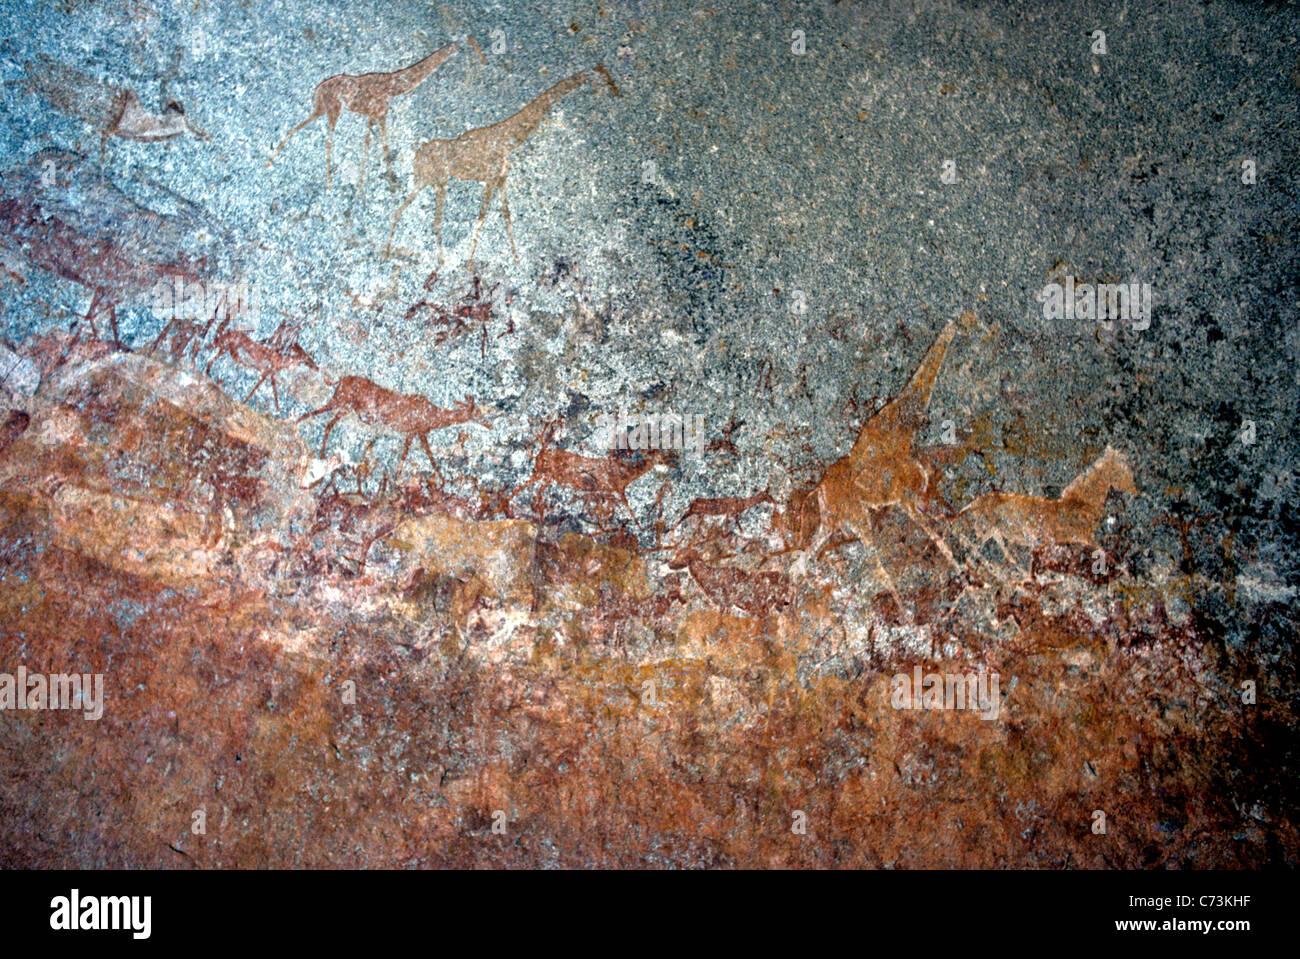 Friso de pinturas Bushman Nswatugi Cueva en los montes Matopo de Zimbabwe mayormente jirafas y Eland Imagen De Stock